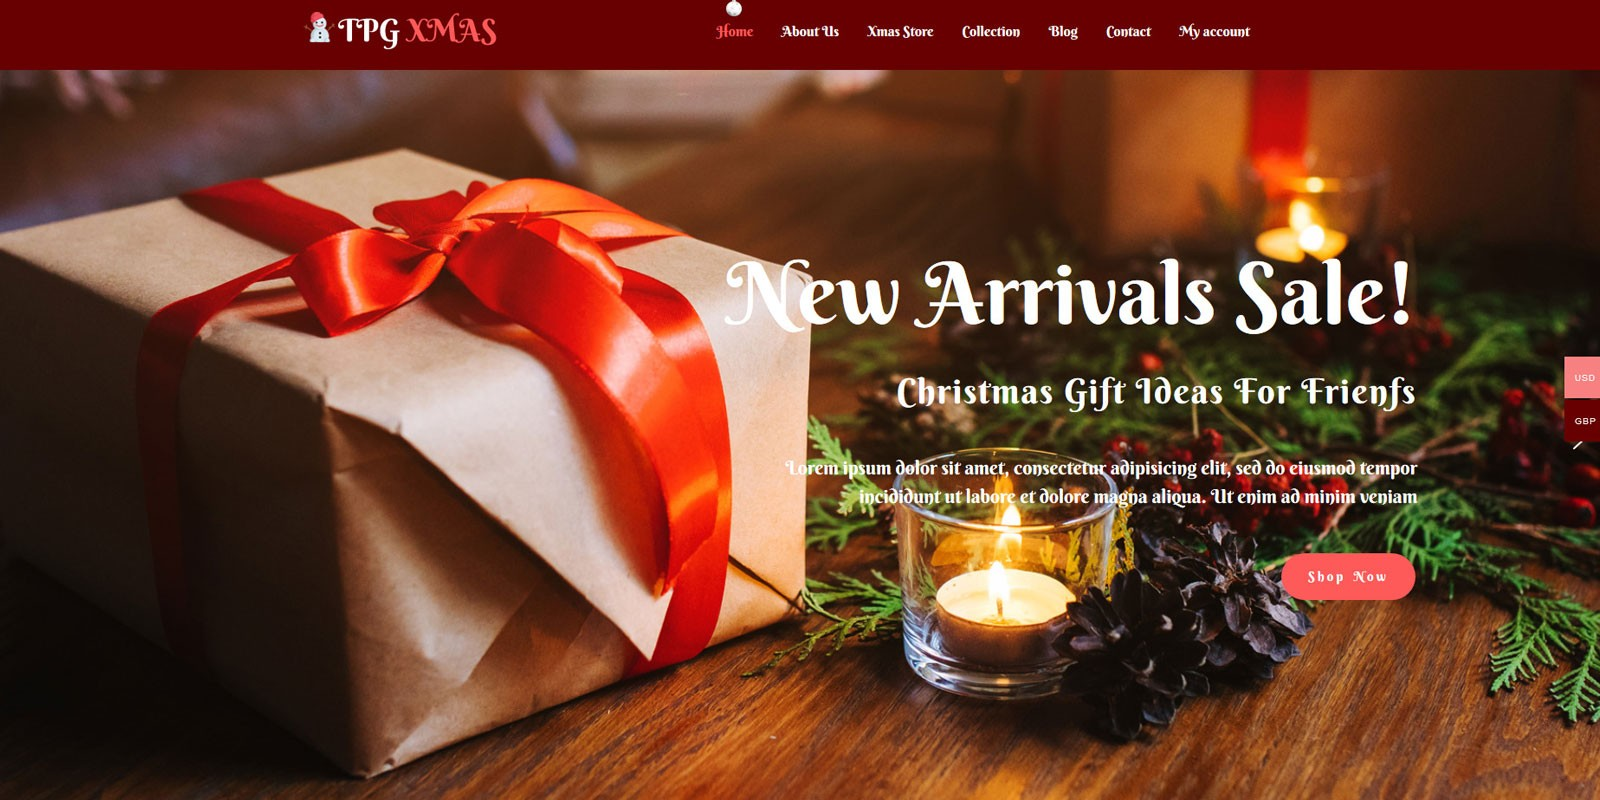 TPG Xmas  WordPress Christmas Theme